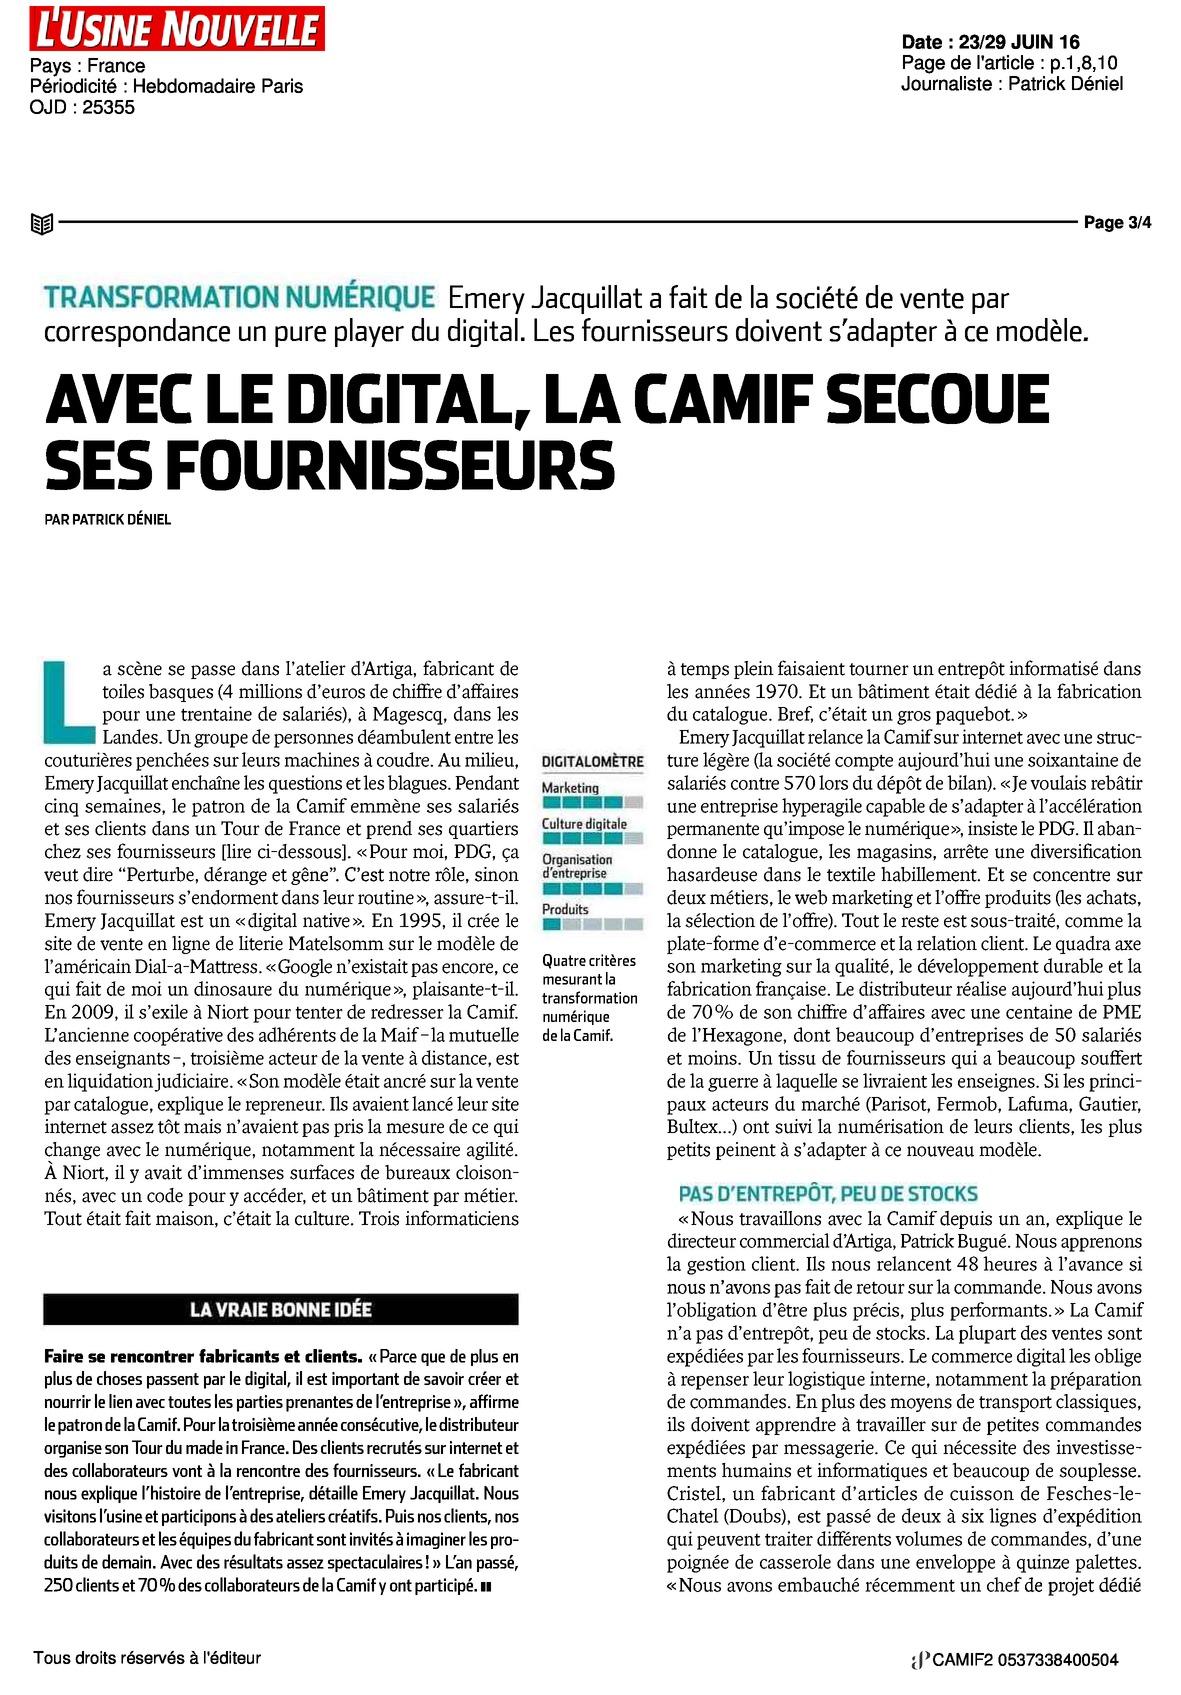 2016-06-231350usine_nouvelle-page2